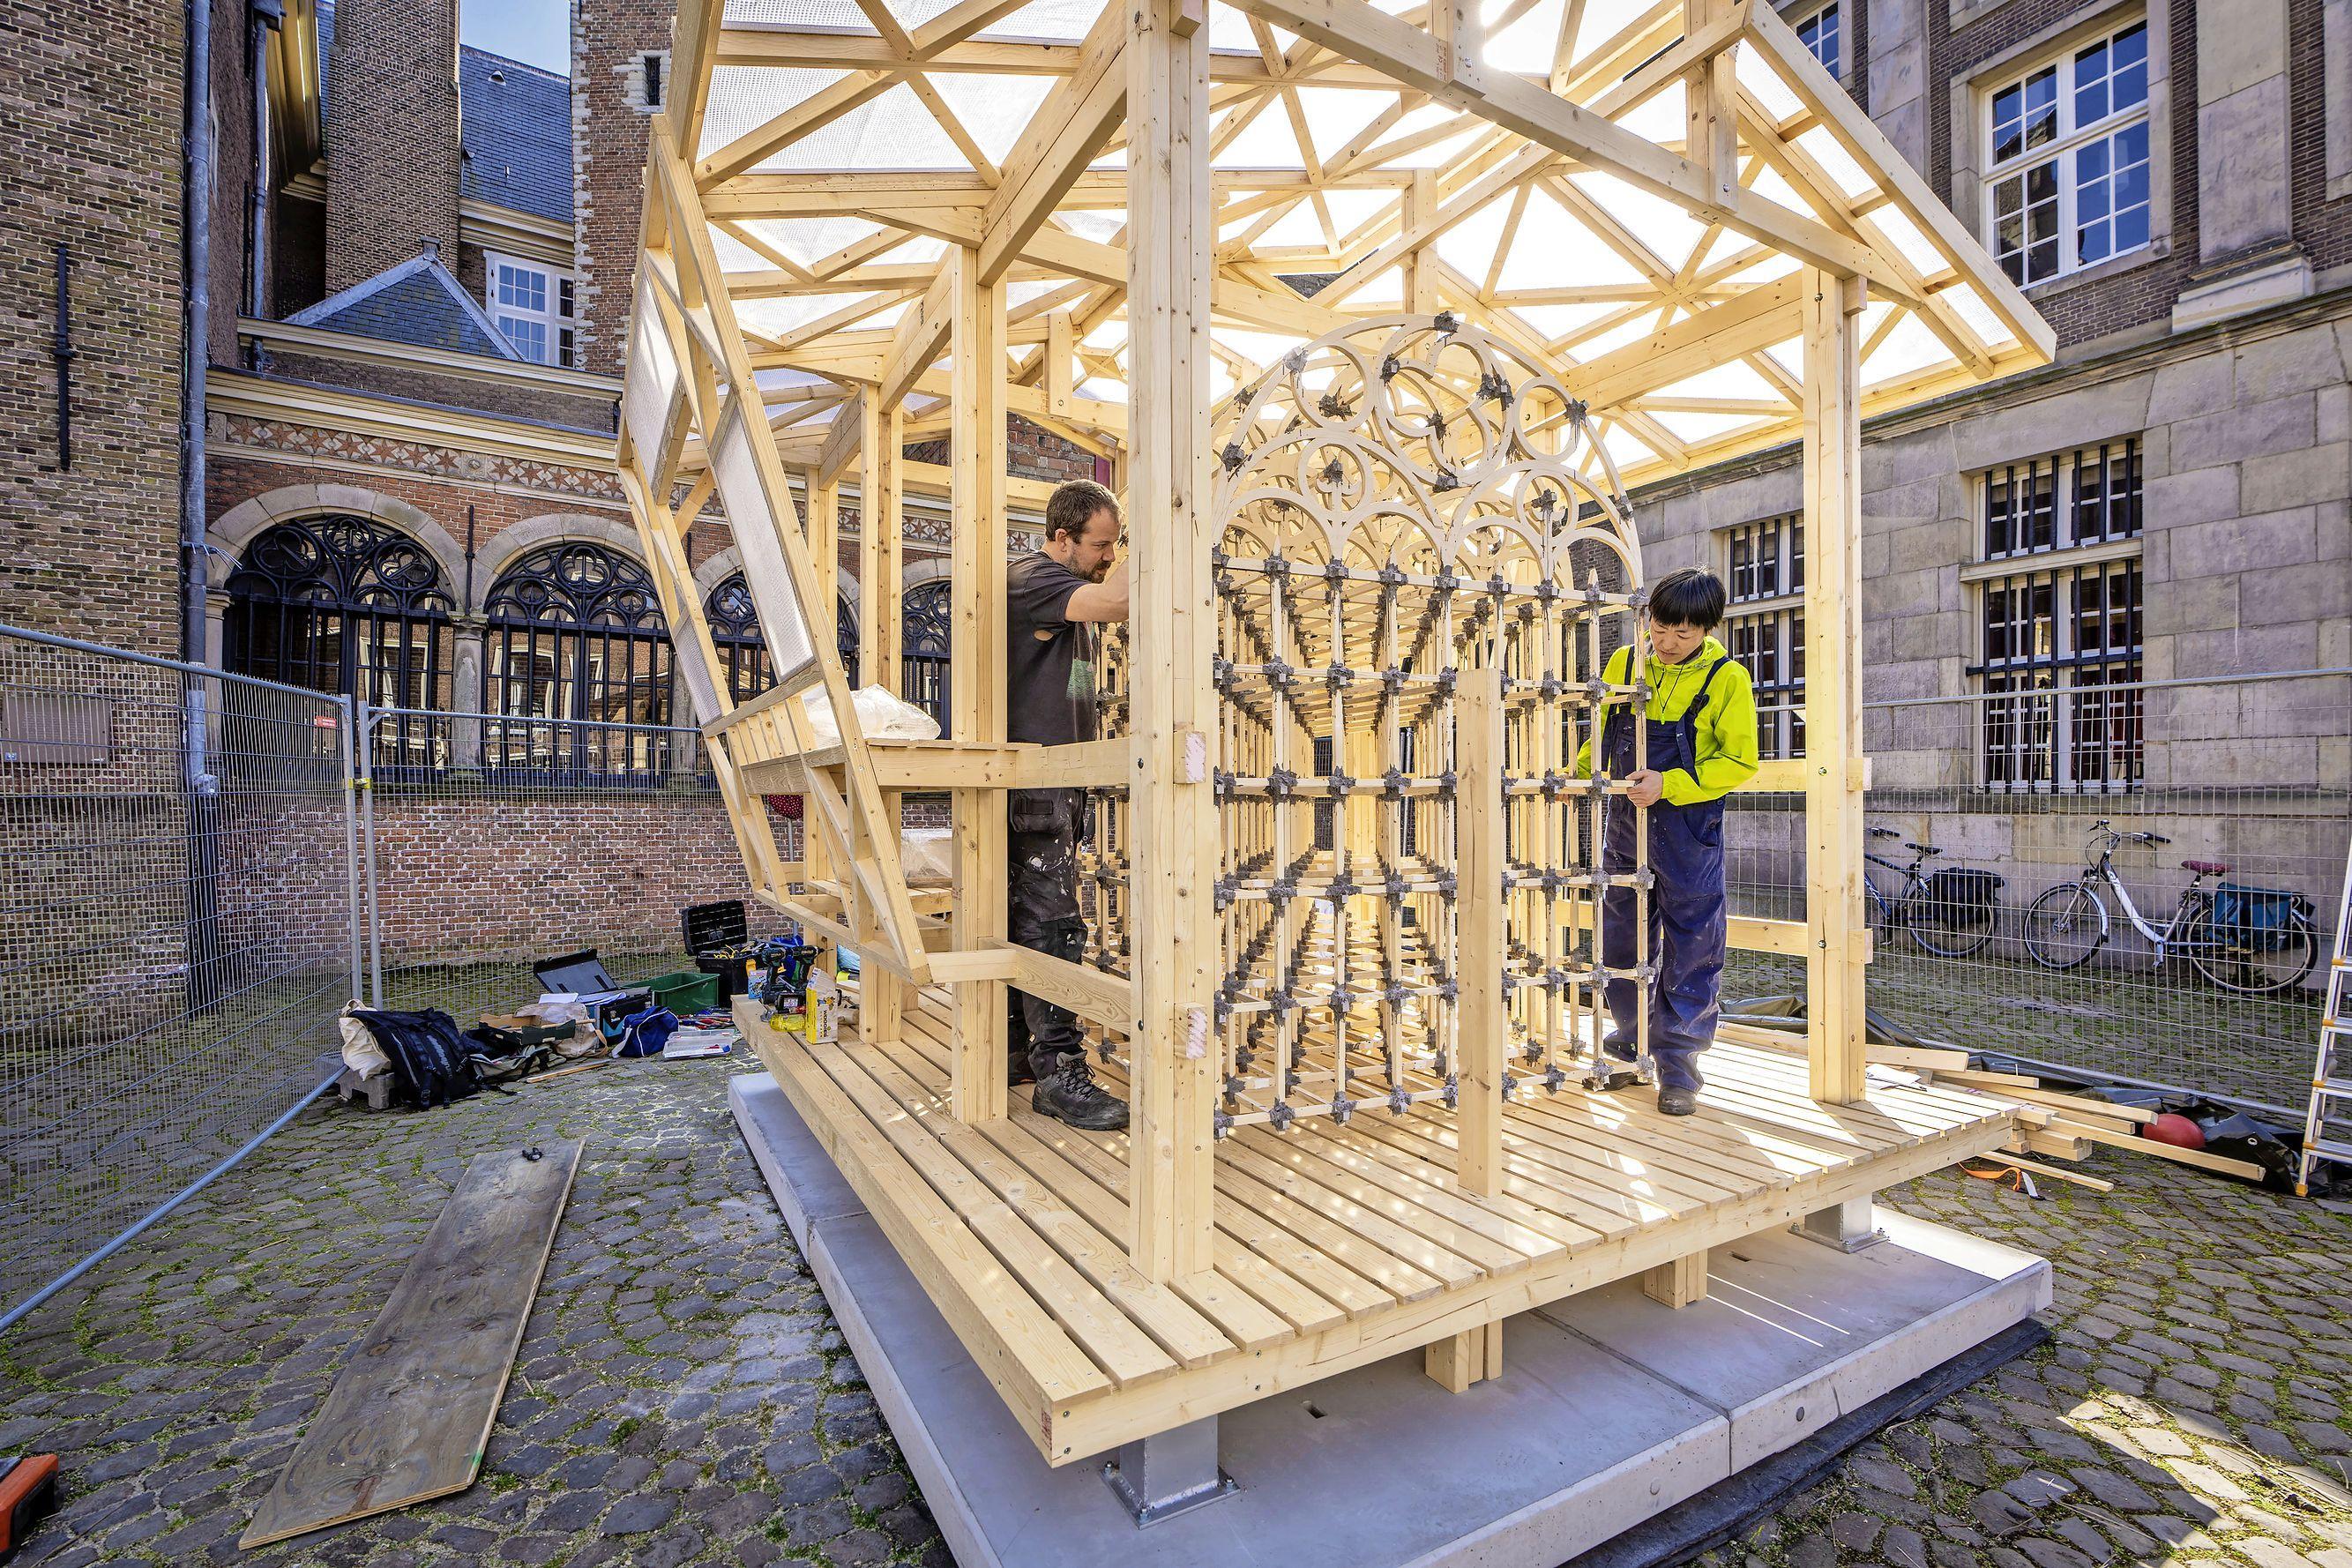 Leidse CDA-fractievoorzitter Joost Bleijie stelt vragen over kunstwerk op het Gerecht: 'Stop met vervuiling van het historische stadsbeeld'